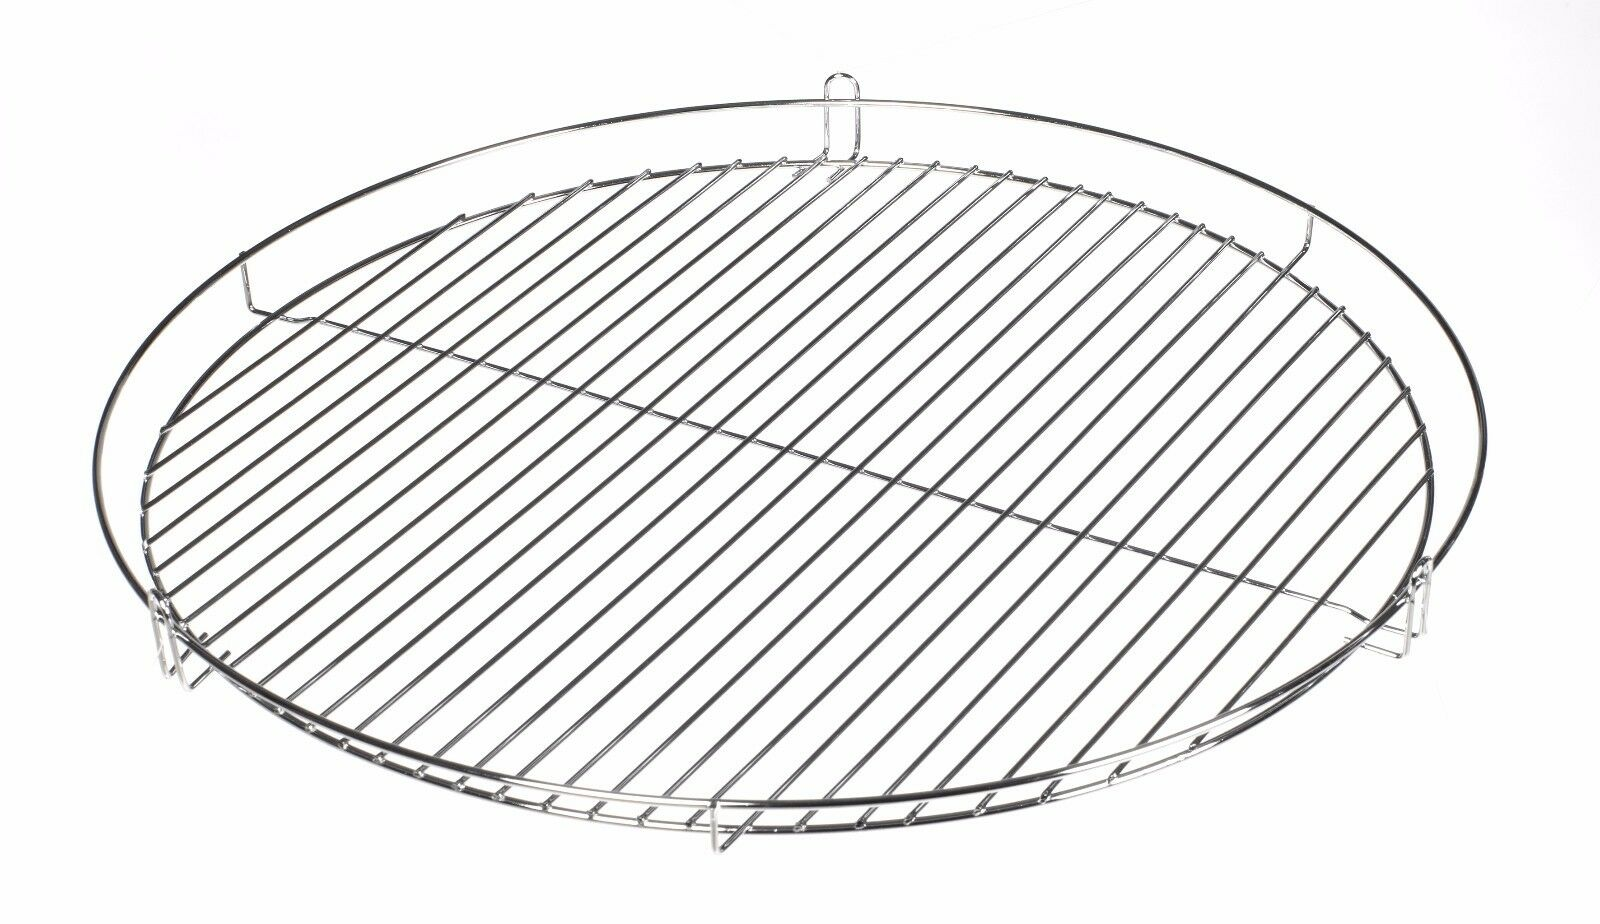 Grillrost 30/40/50/60 oder 70cm verchromt Schwenkgrill Dreibein Schwenker